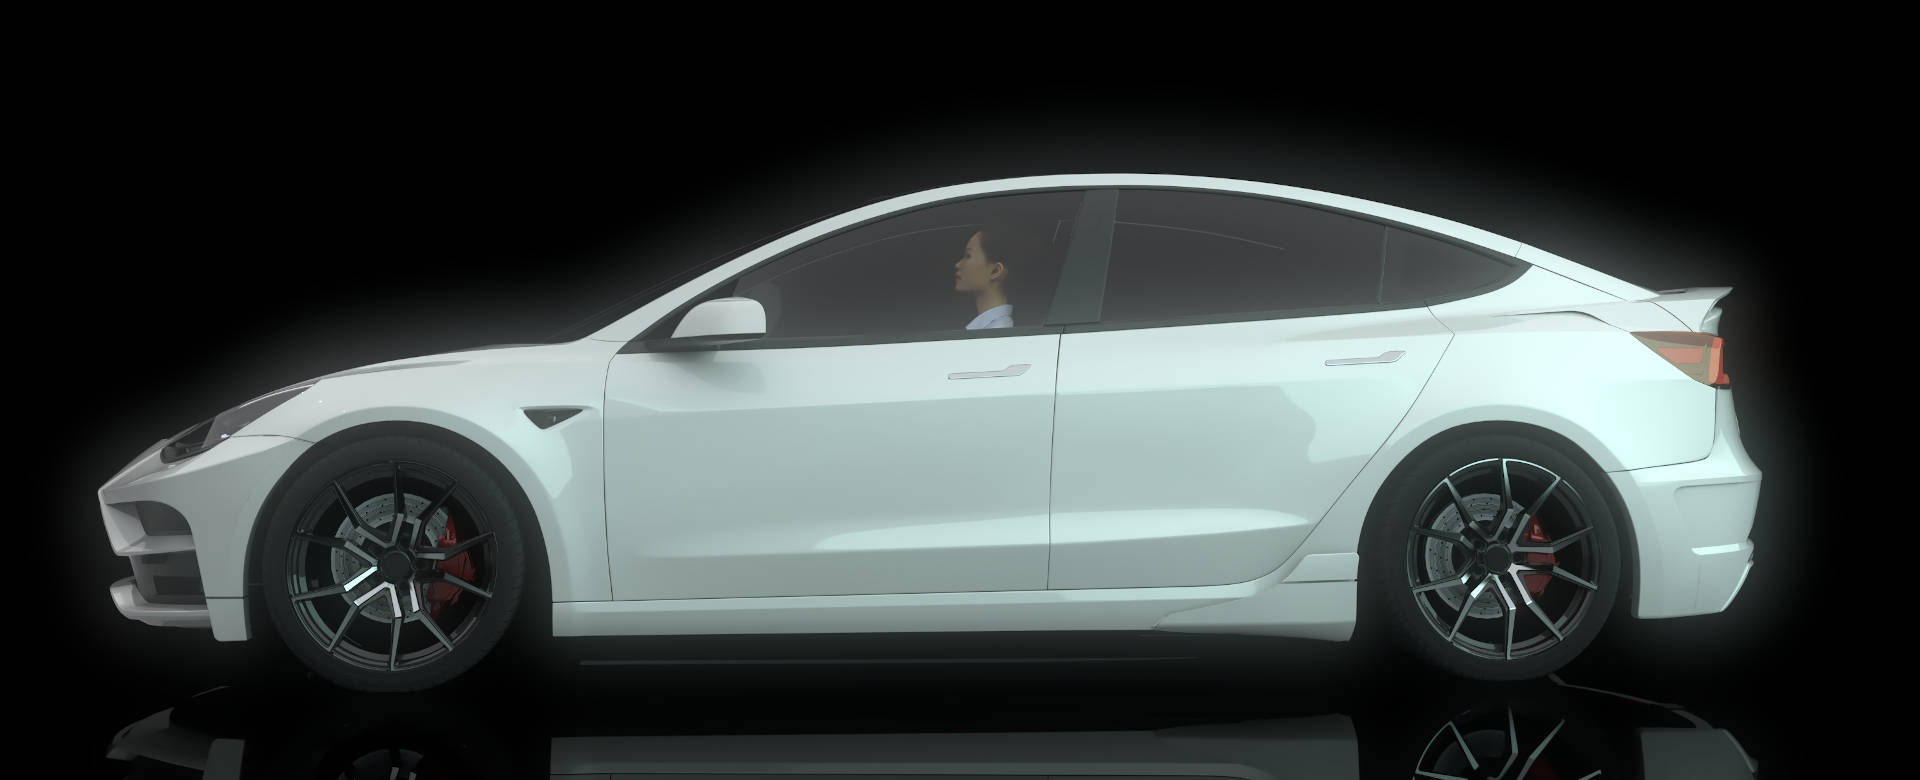 Tesla-Model-3-by-Startech-16-20